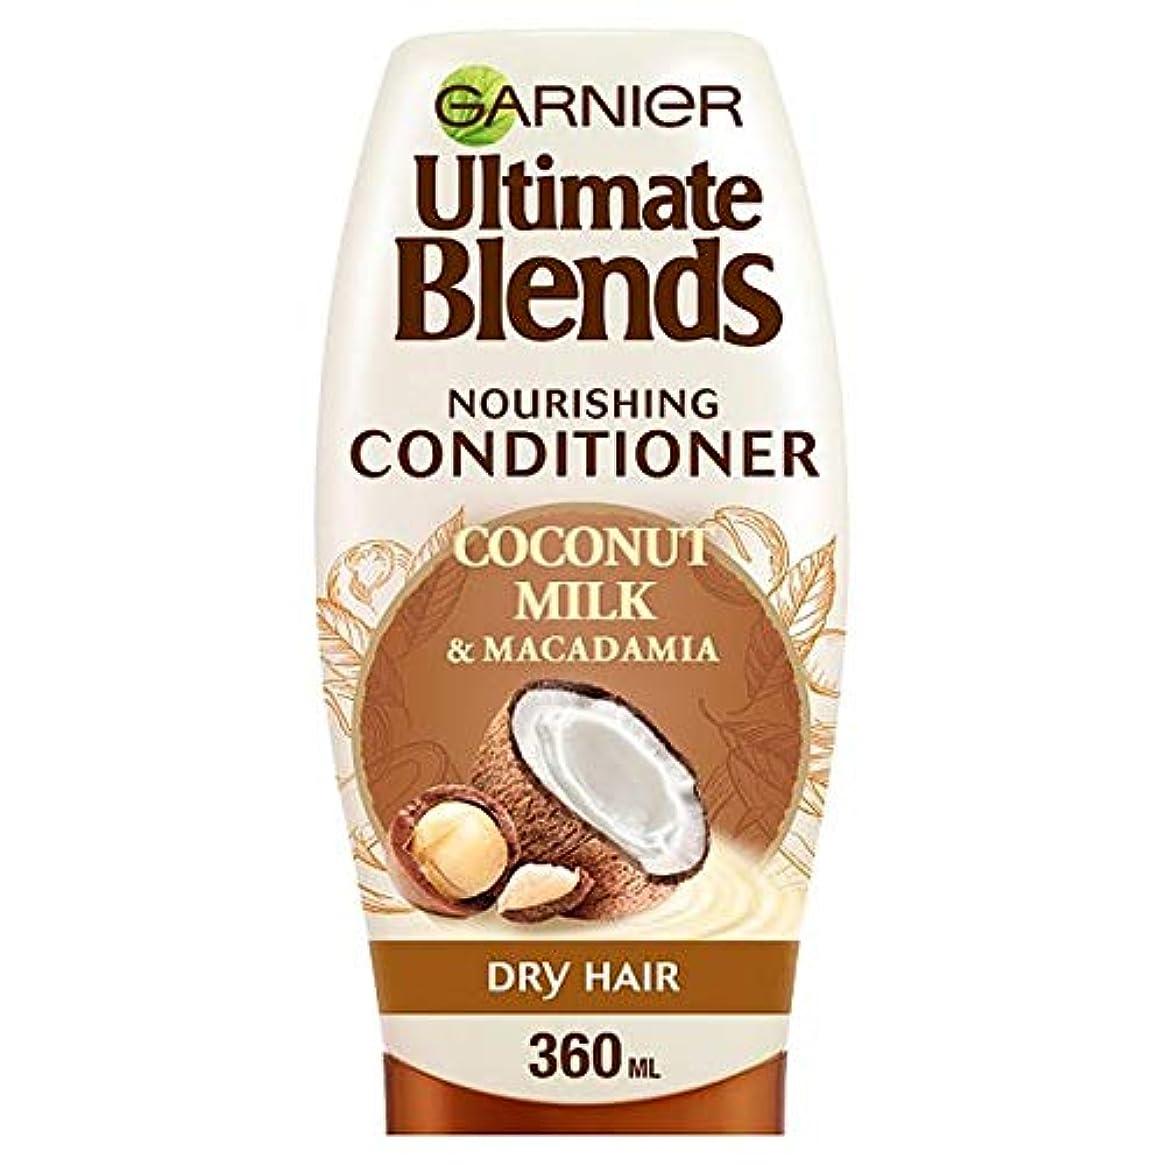 聖人スロープ静脈[Garnier] ガルニエ究極のブレンドココナッツミルクコンディショナー乾燥した髪の360ミリリットル - Garnier Ultimate Blends Coconut Milk Conditioner Dry Hair 360Ml [並行輸入品]